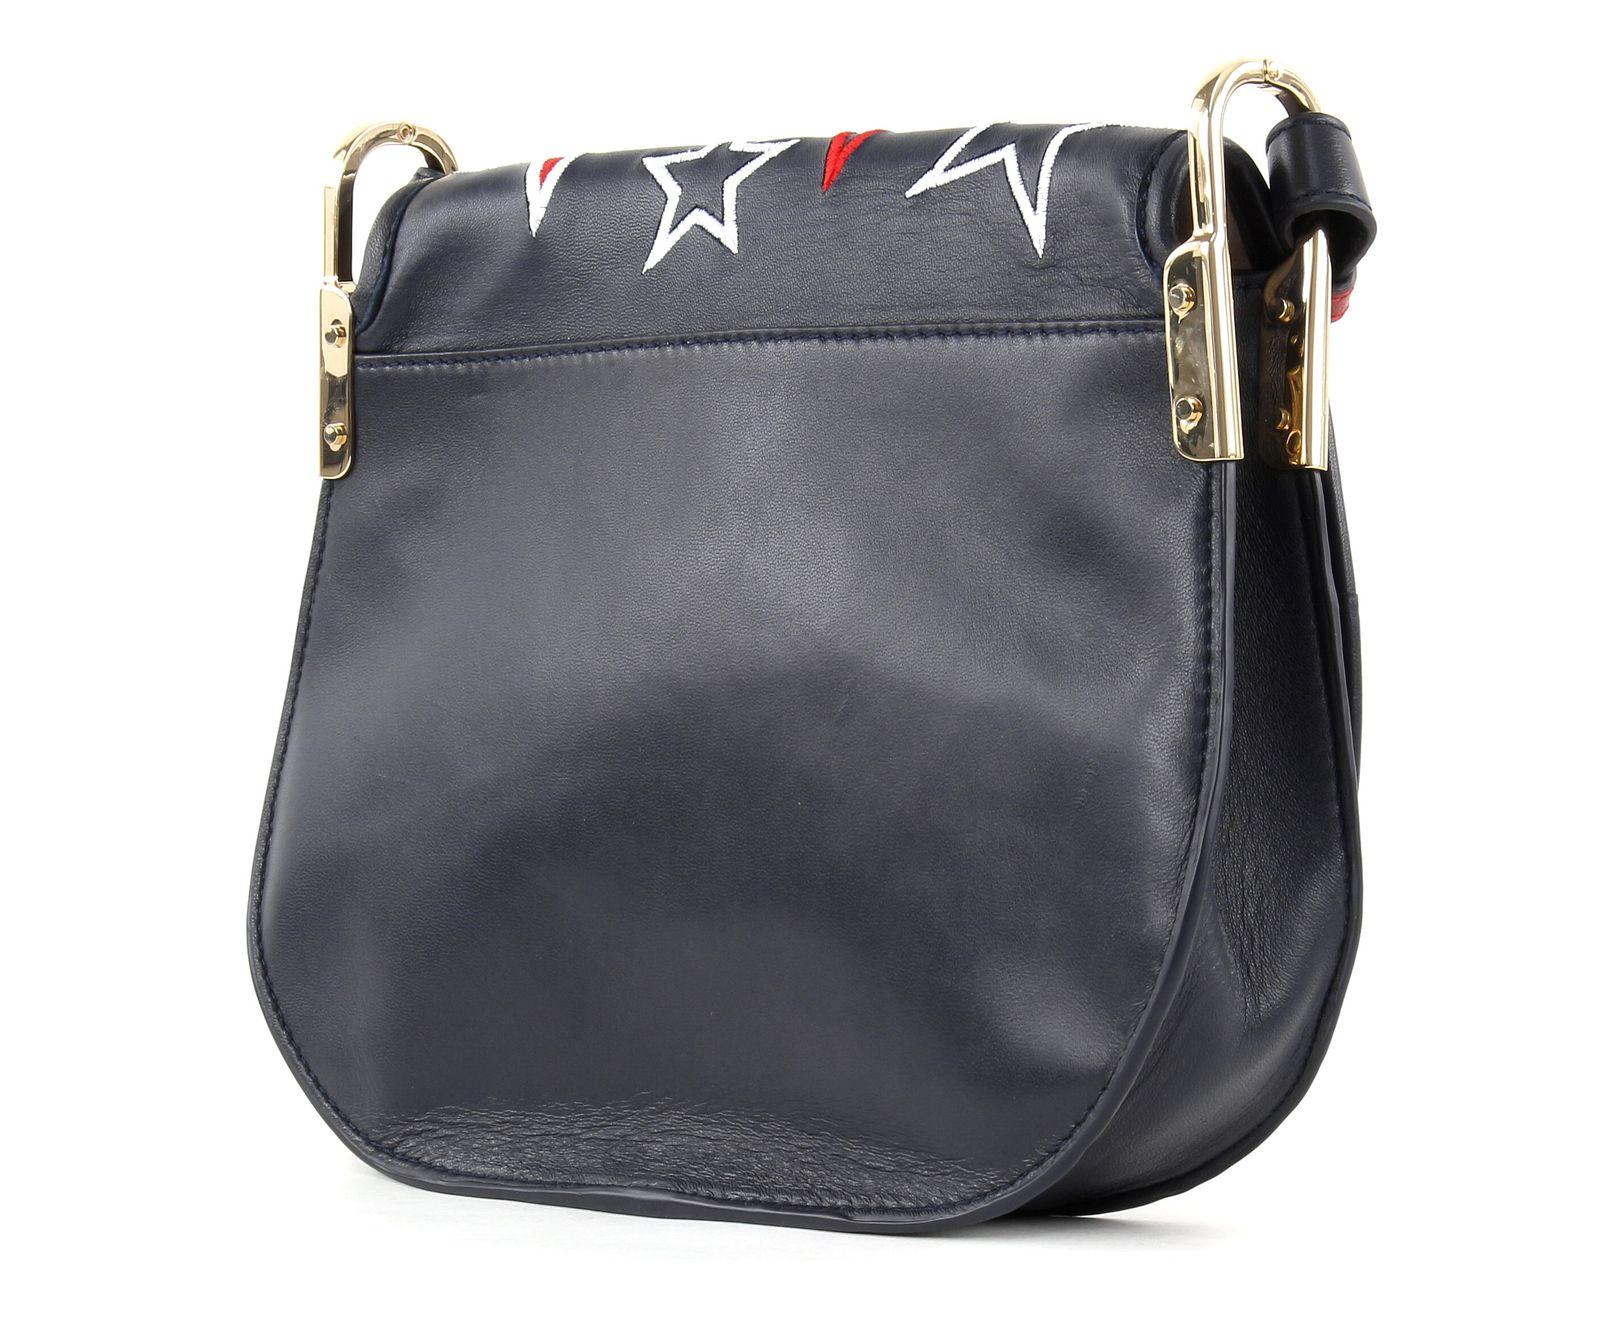 tommy hilfiger cross body bag iconic saddle tommy navy stars. Black Bedroom Furniture Sets. Home Design Ideas